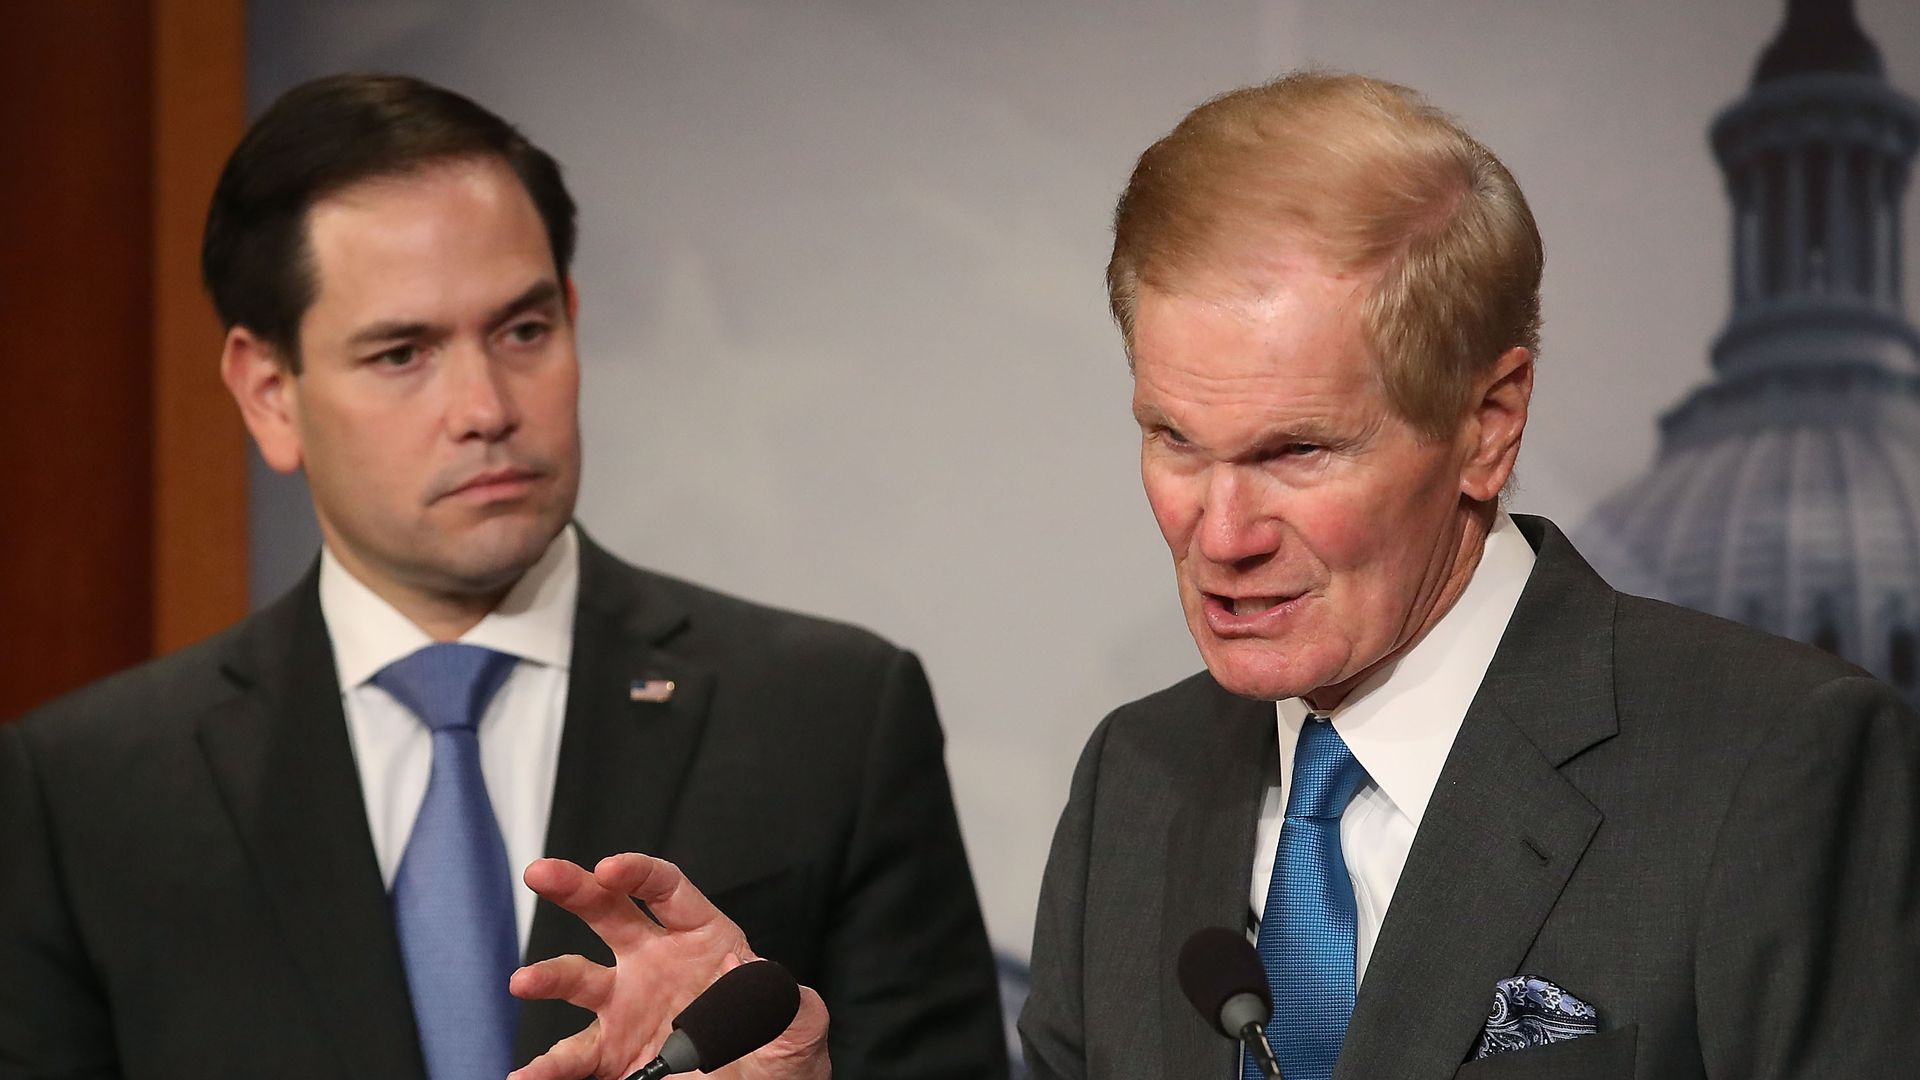 Florida's senators